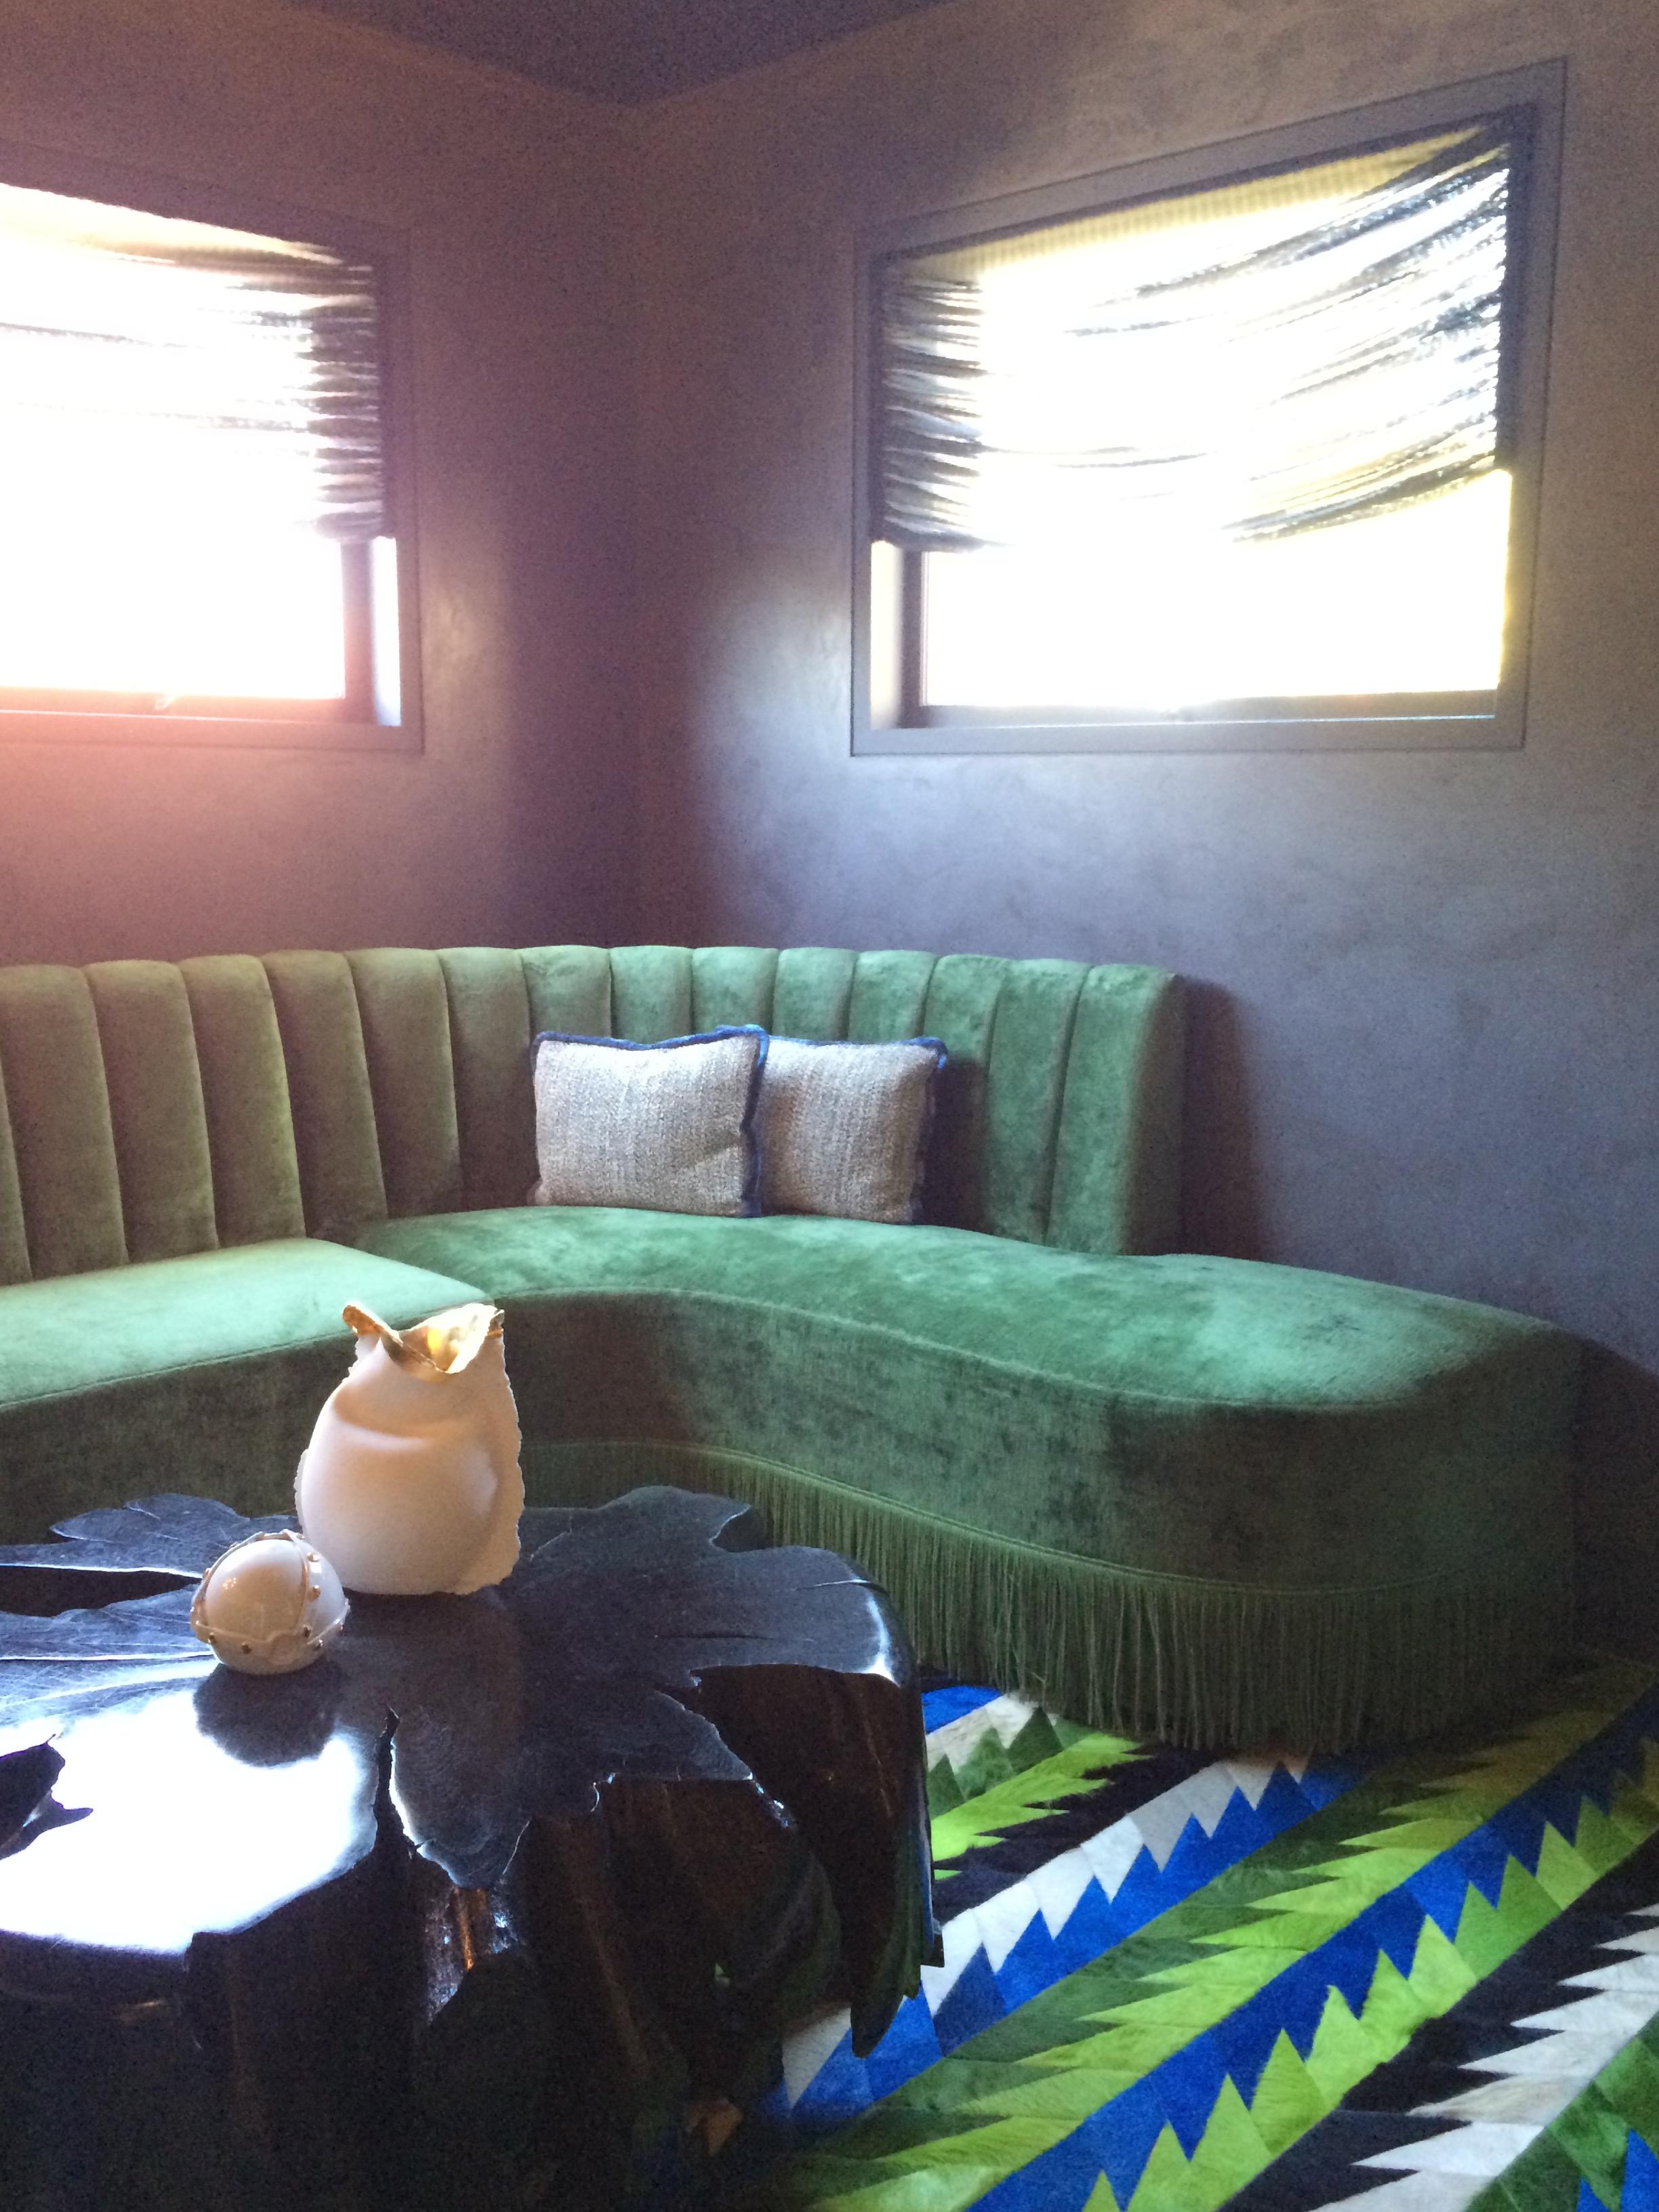 Evars + Anderson Interior Design